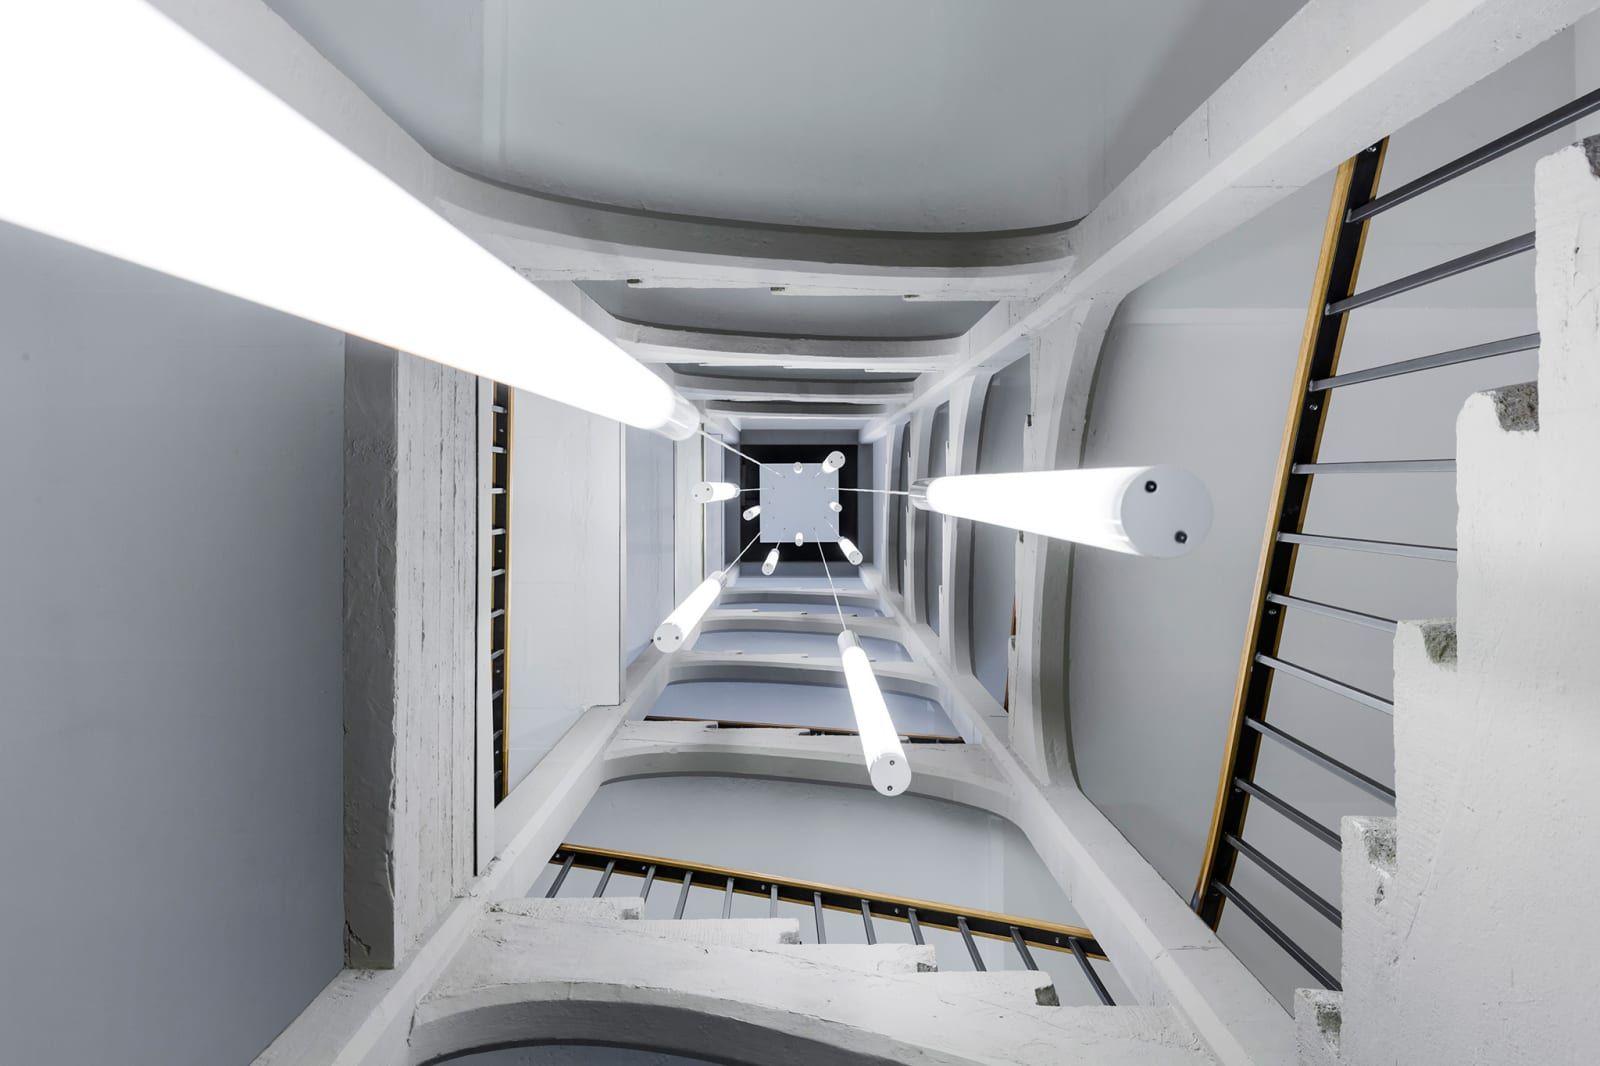 15 Trucchi Per Una Stanza Piu Grande Menzi Burgler Architekten Gasser Derungs Conversion Of The Predigerchor Zentralbibliothek Zurich Interior Lighting Interior Home Decor